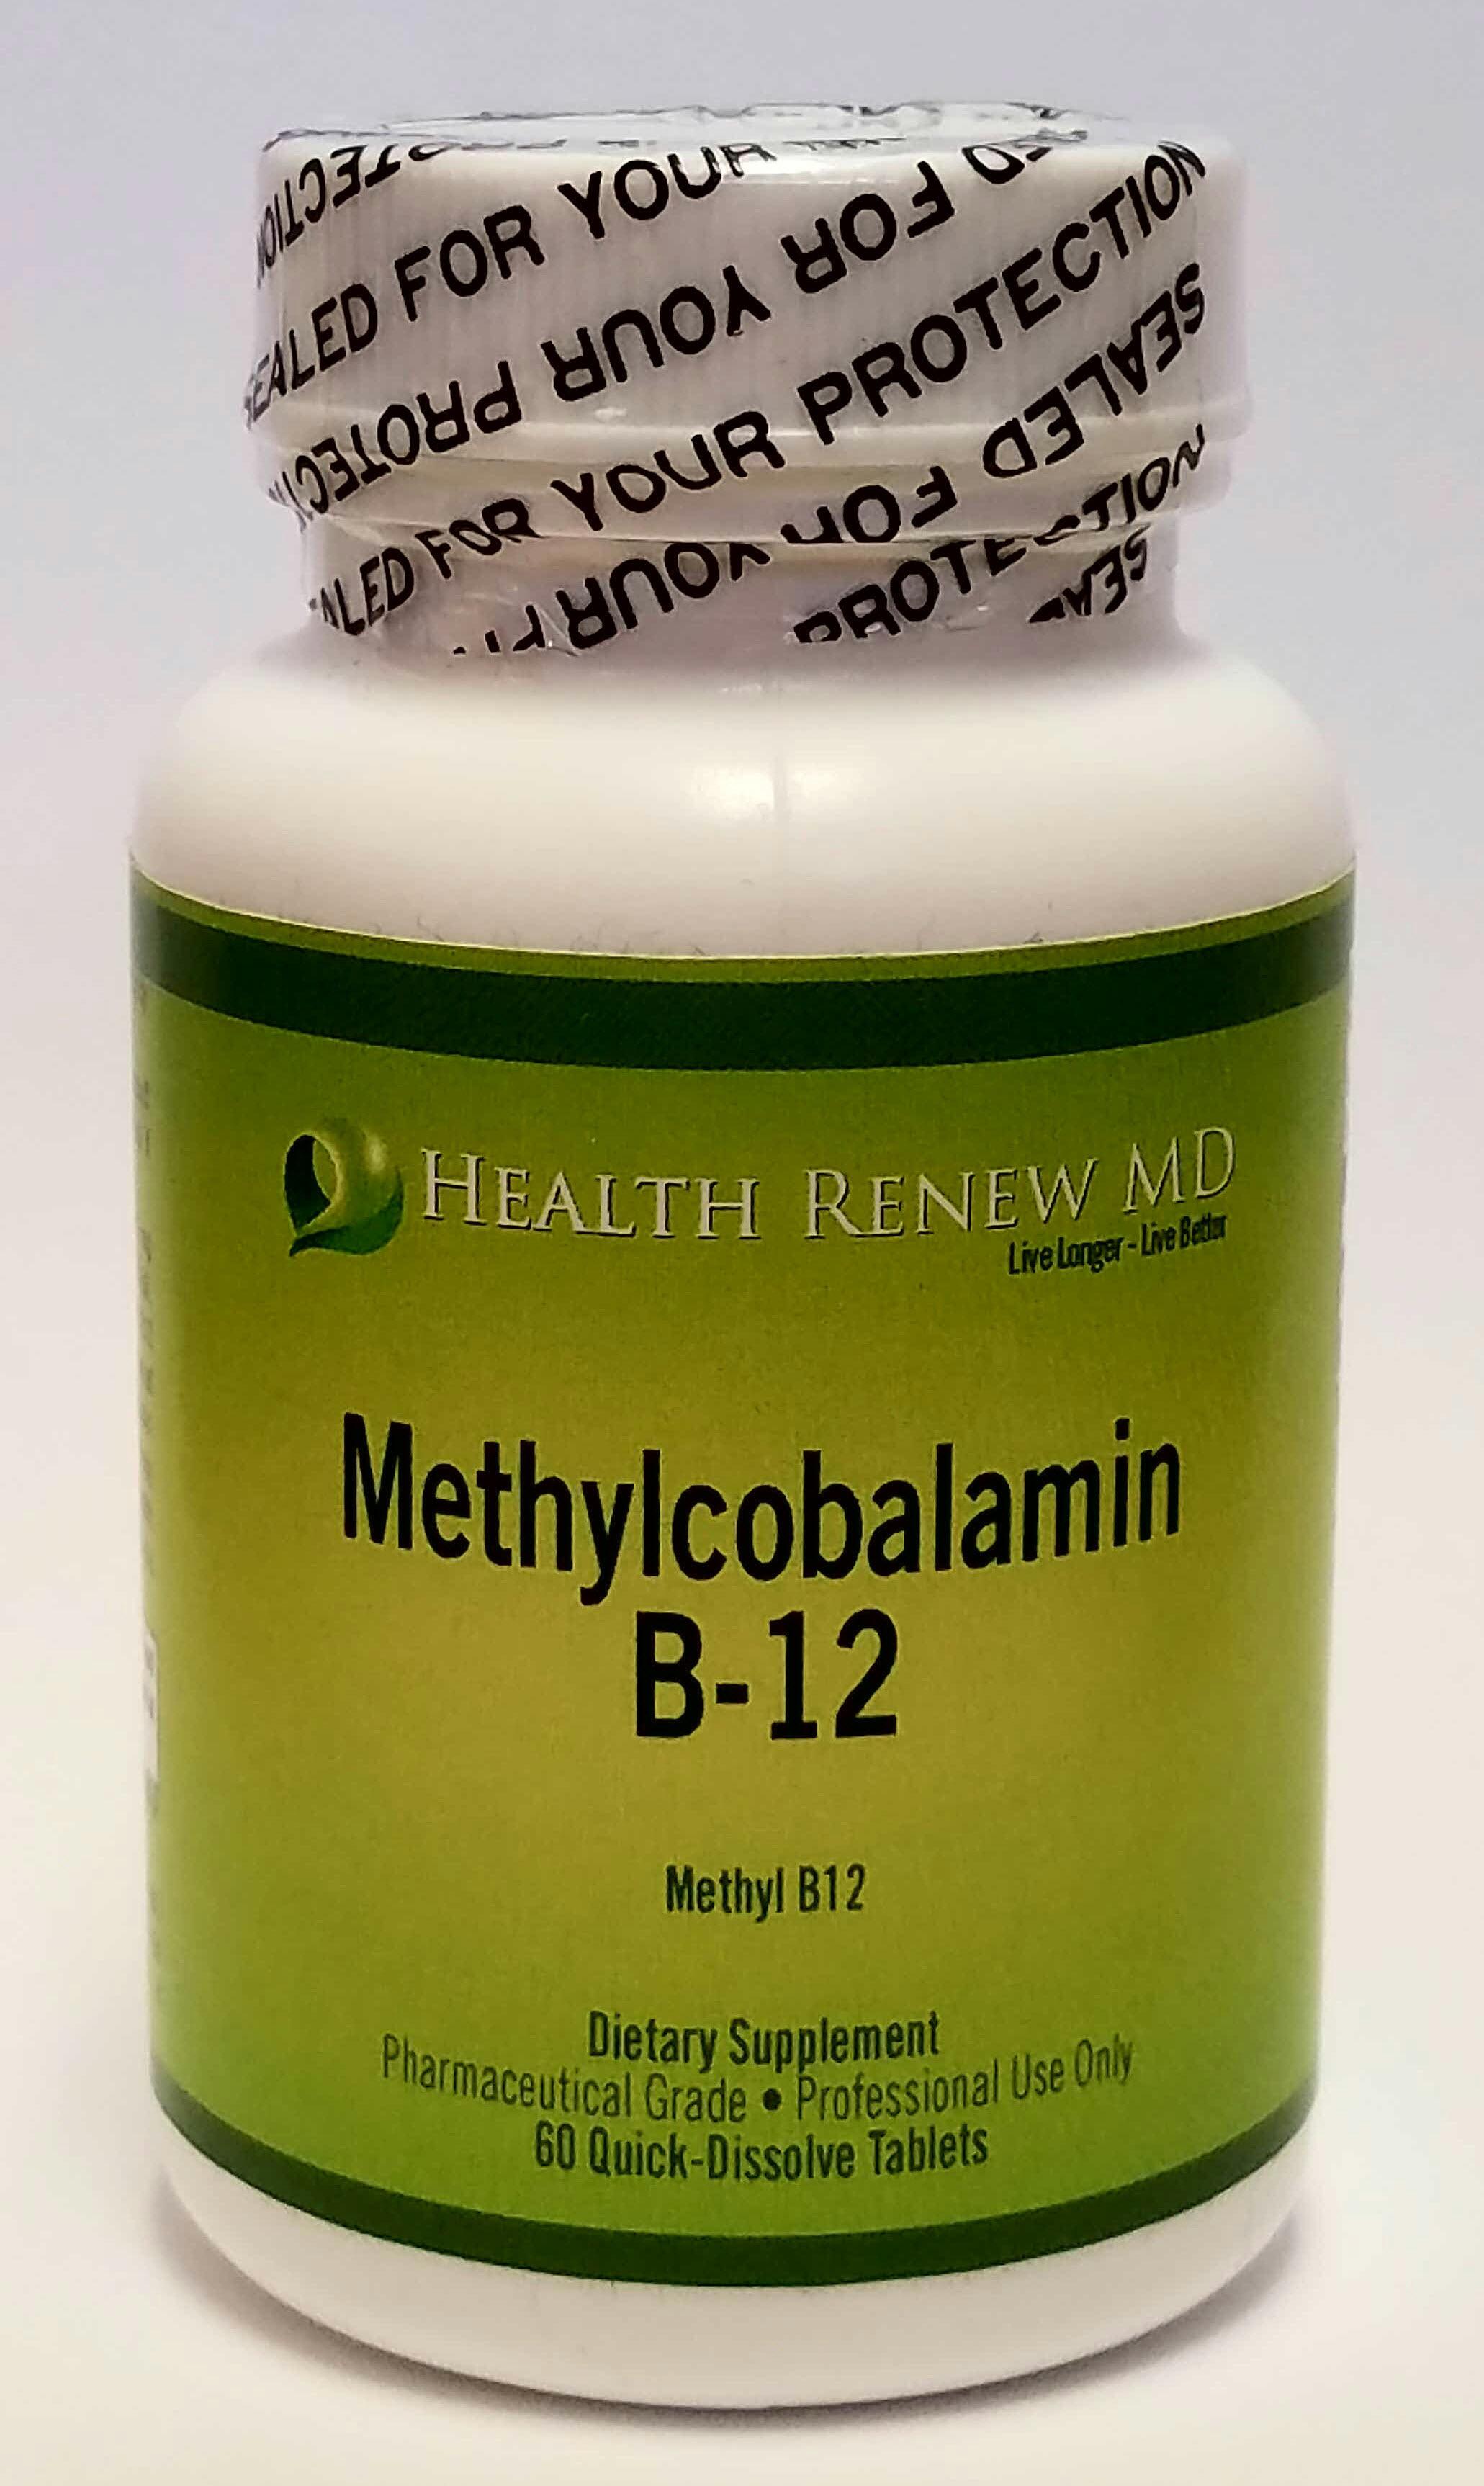 B-12 - Methylcobalamin 00013